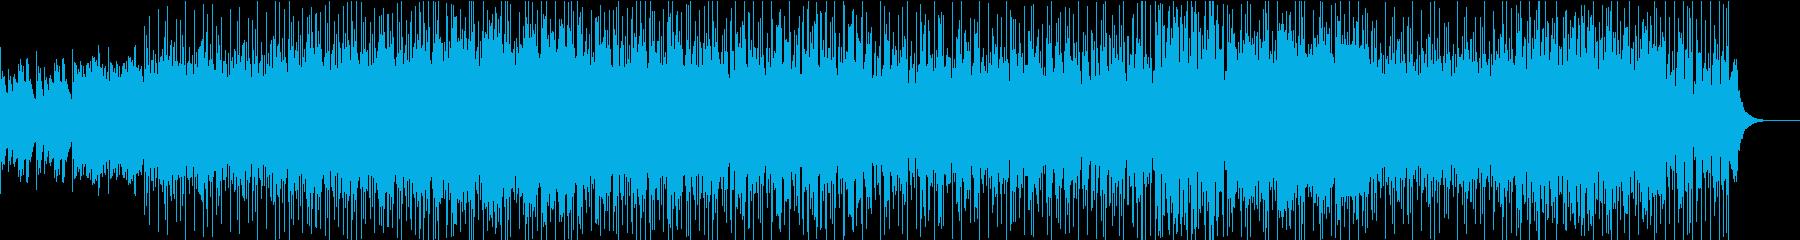 癒しを齎すローファイ・チルアウトの再生済みの波形